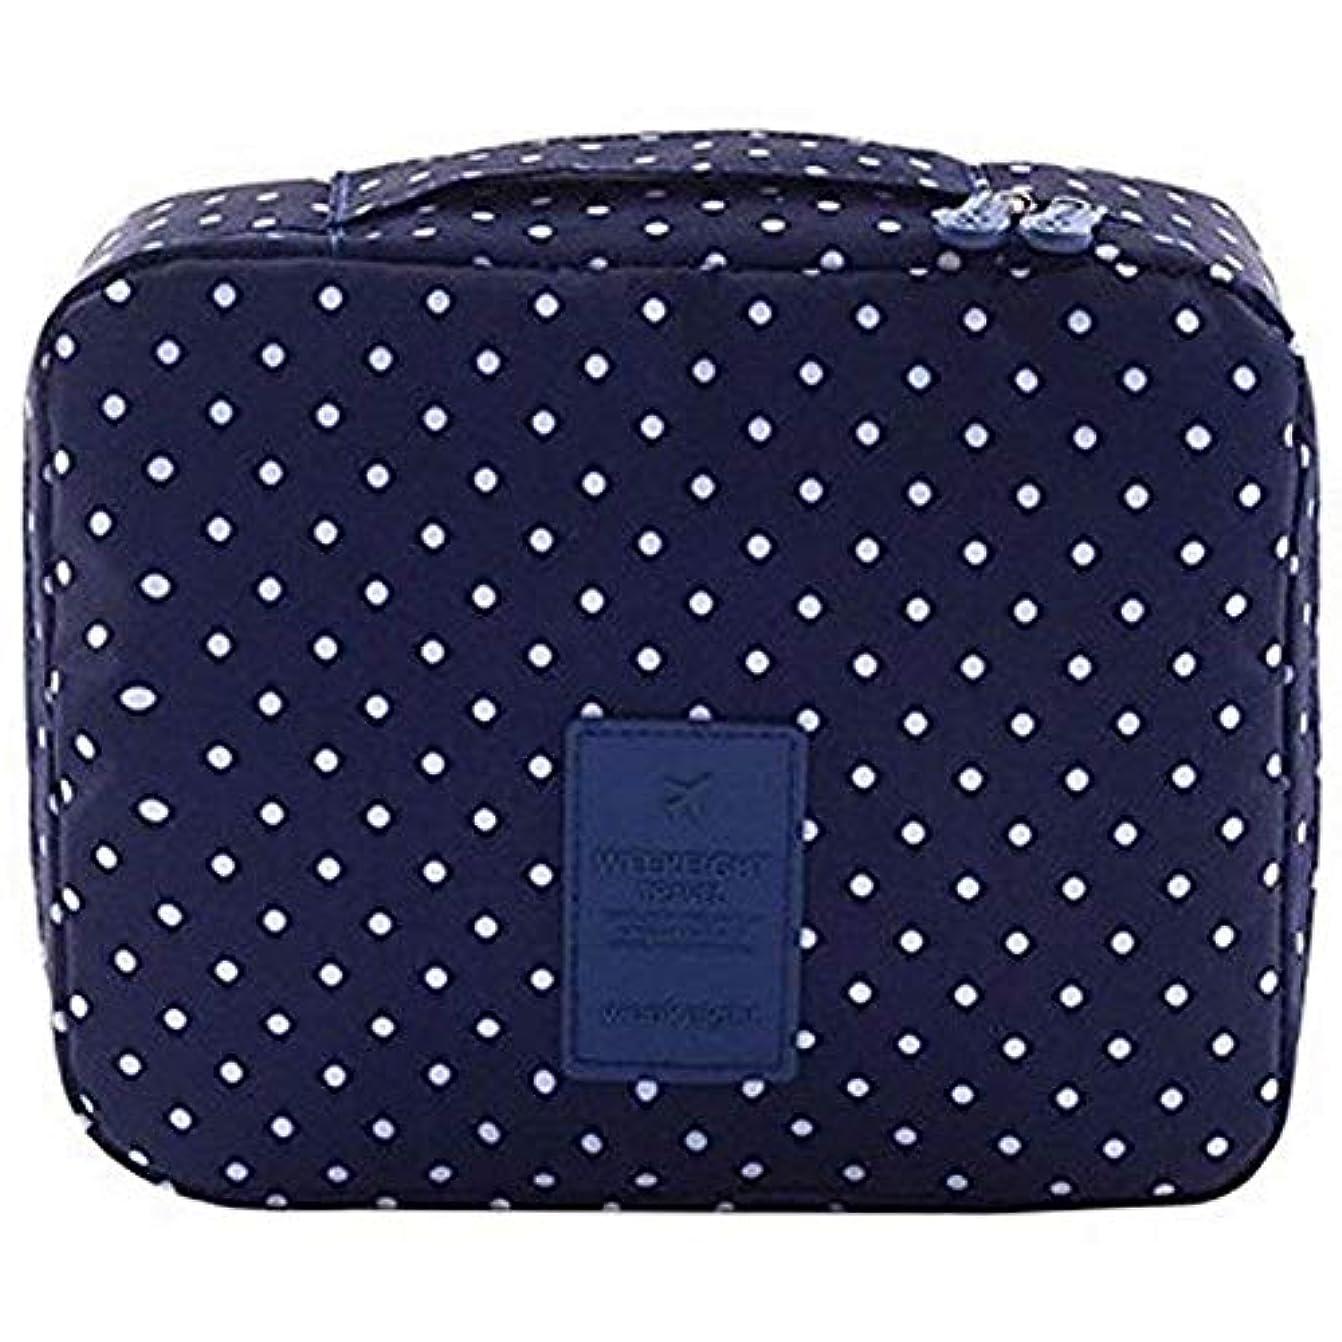 サンプルロールがっかりするSemoic 旅行化粧品バッグ印刷多機能ポータブルトイレタリーバッグ化粧品メイクポーチ旅行用のケースオーガナイザー(海軍サークル)